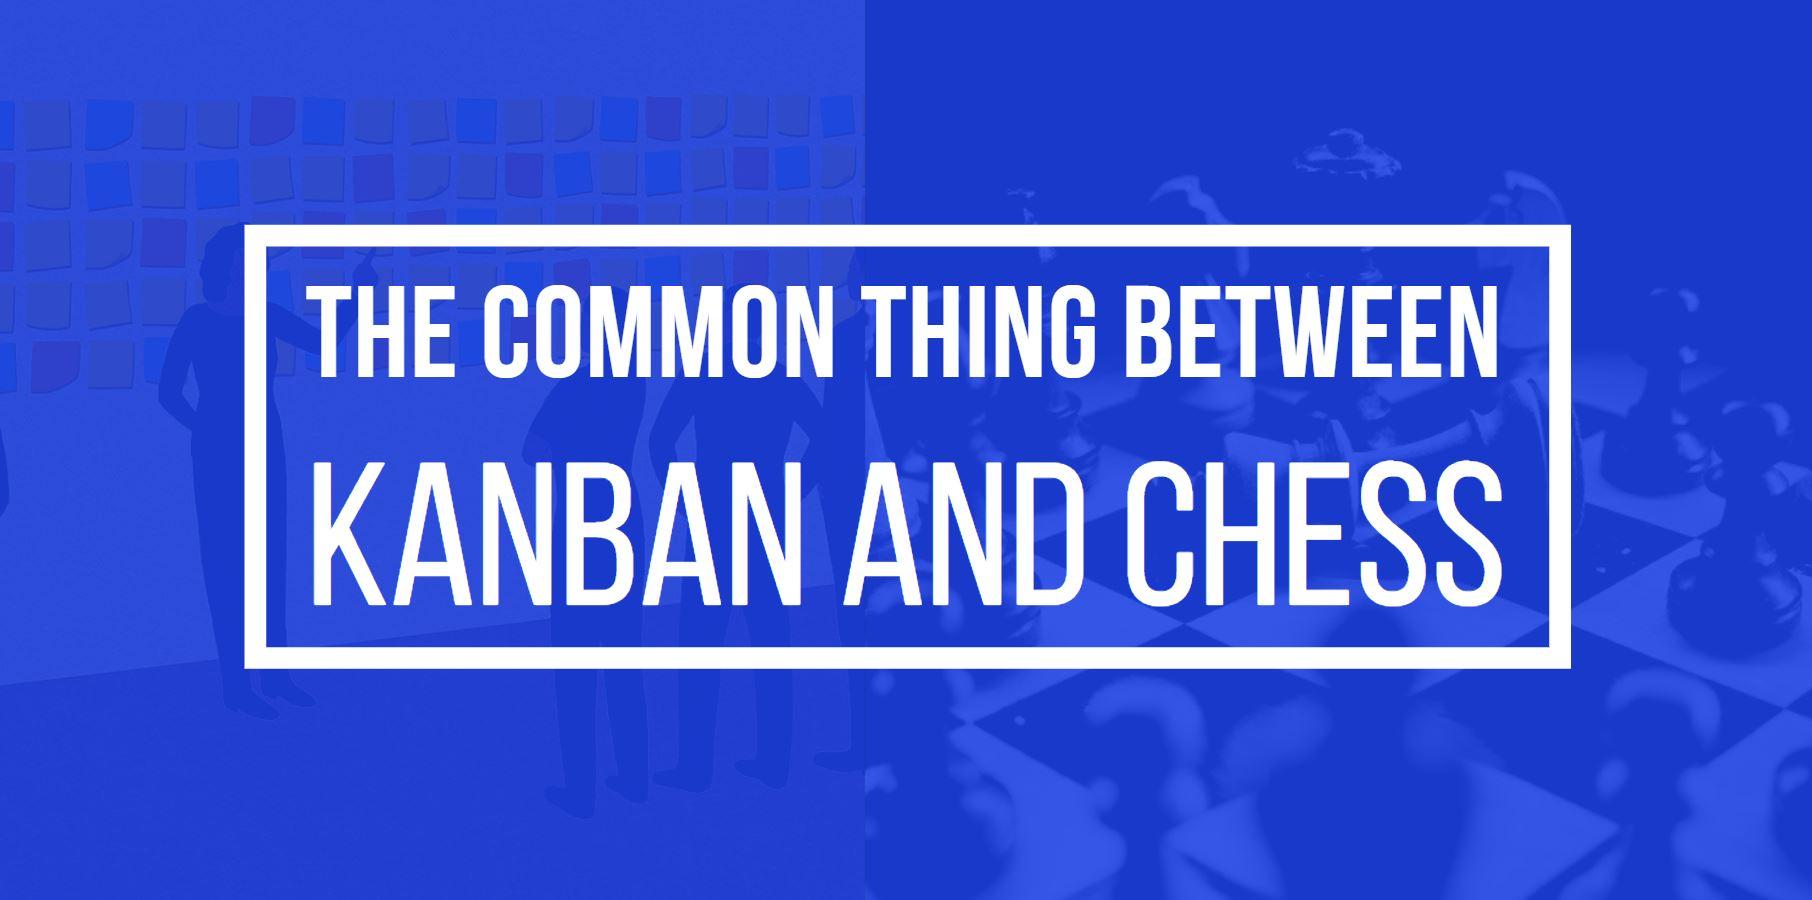 kanban and chess